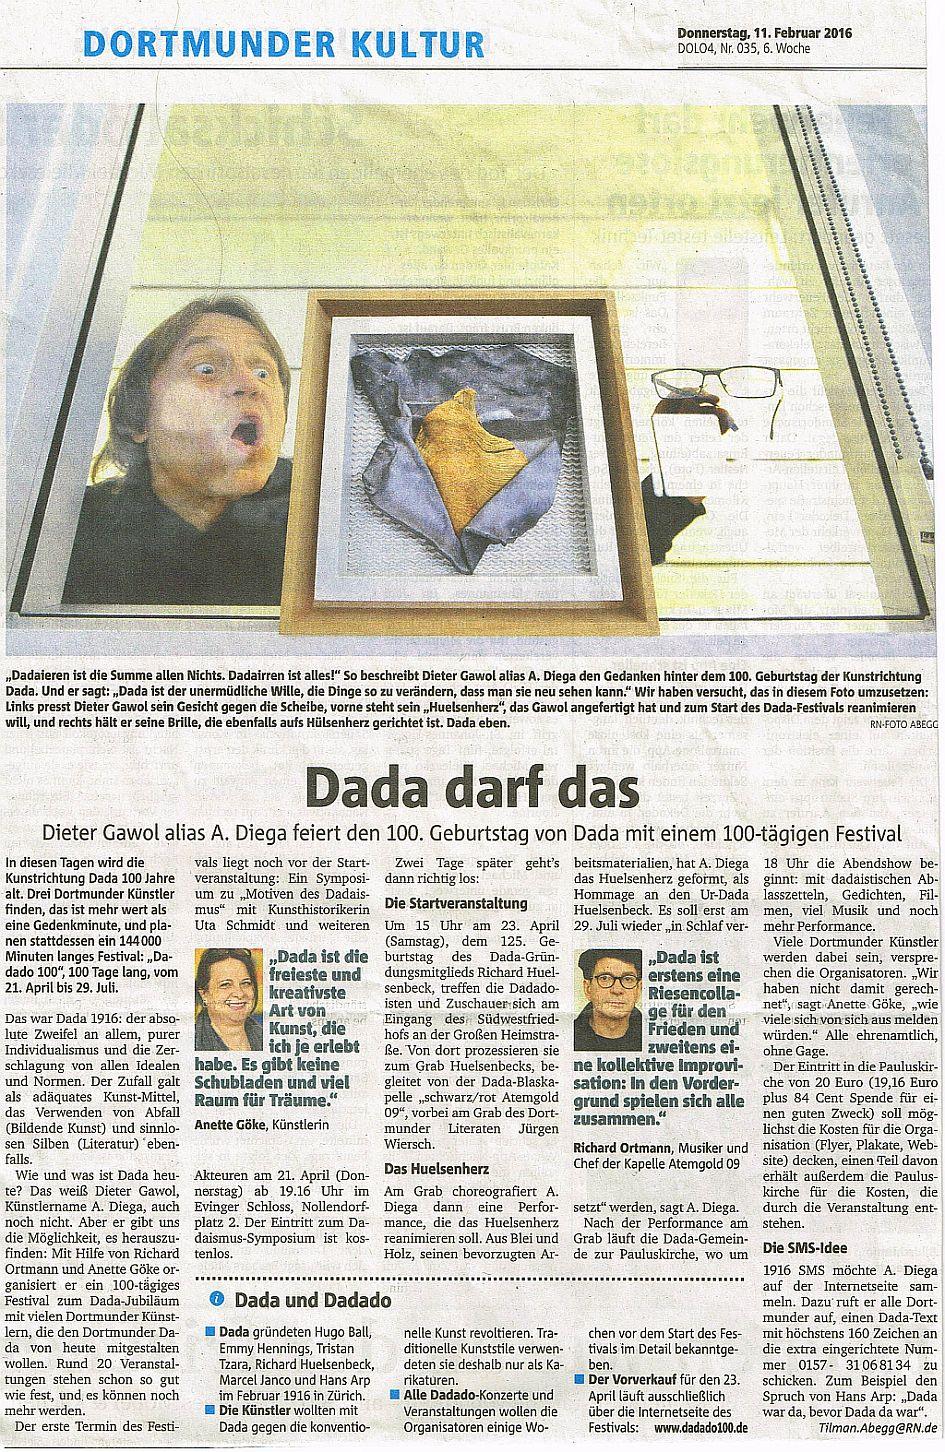 DADA darf das – Dortmunder Ruhrnachrichten vom 11.02.16